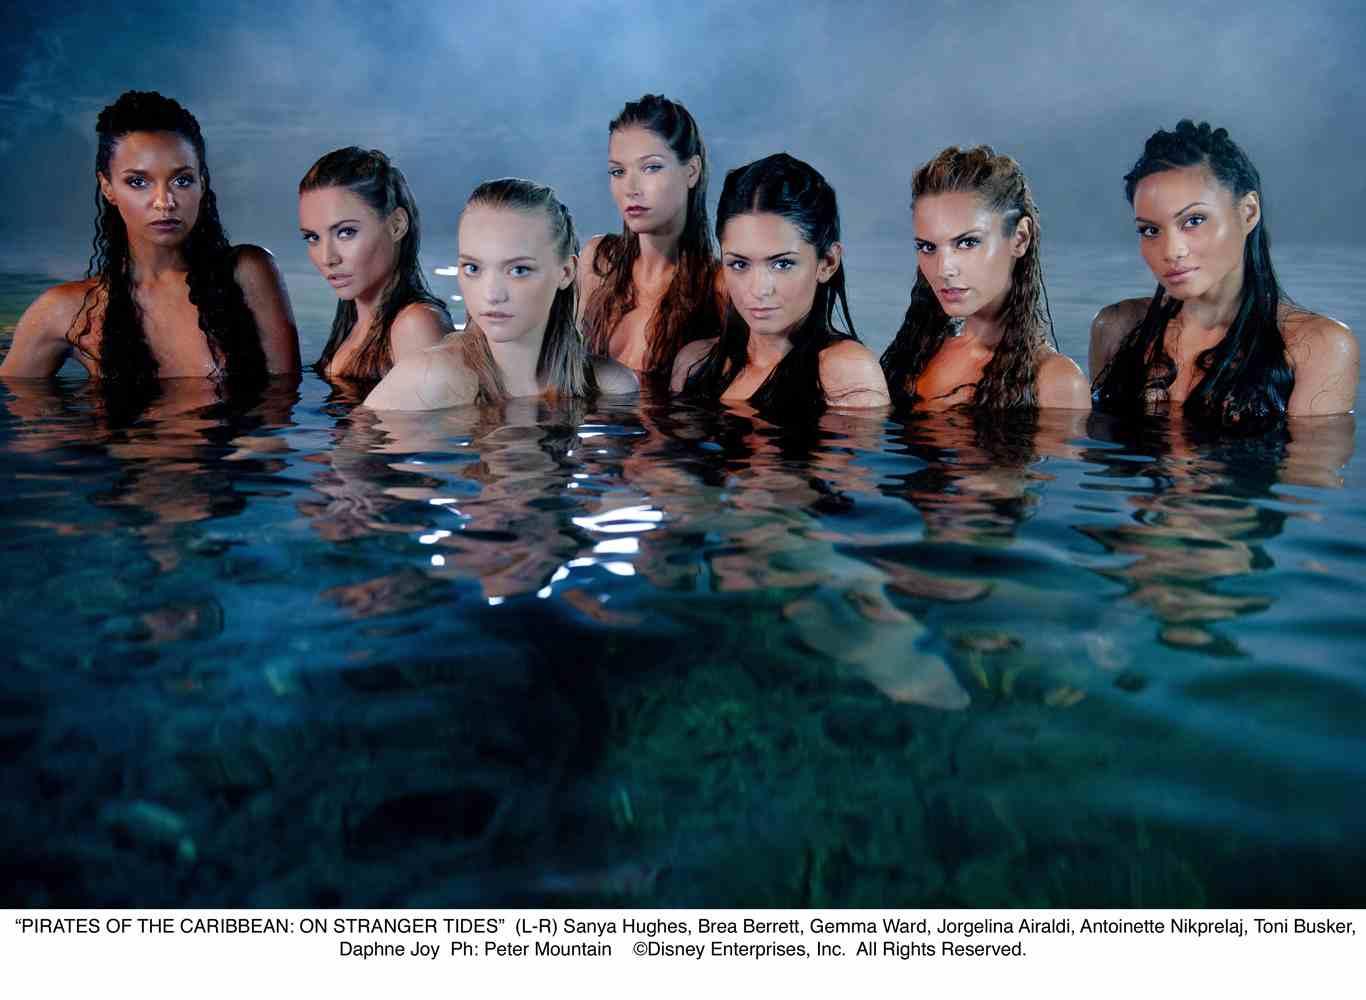 Pictures Alex van Zeelandt nudes (15 photo), Topless, Sideboobs, Instagram, in bikini 2020